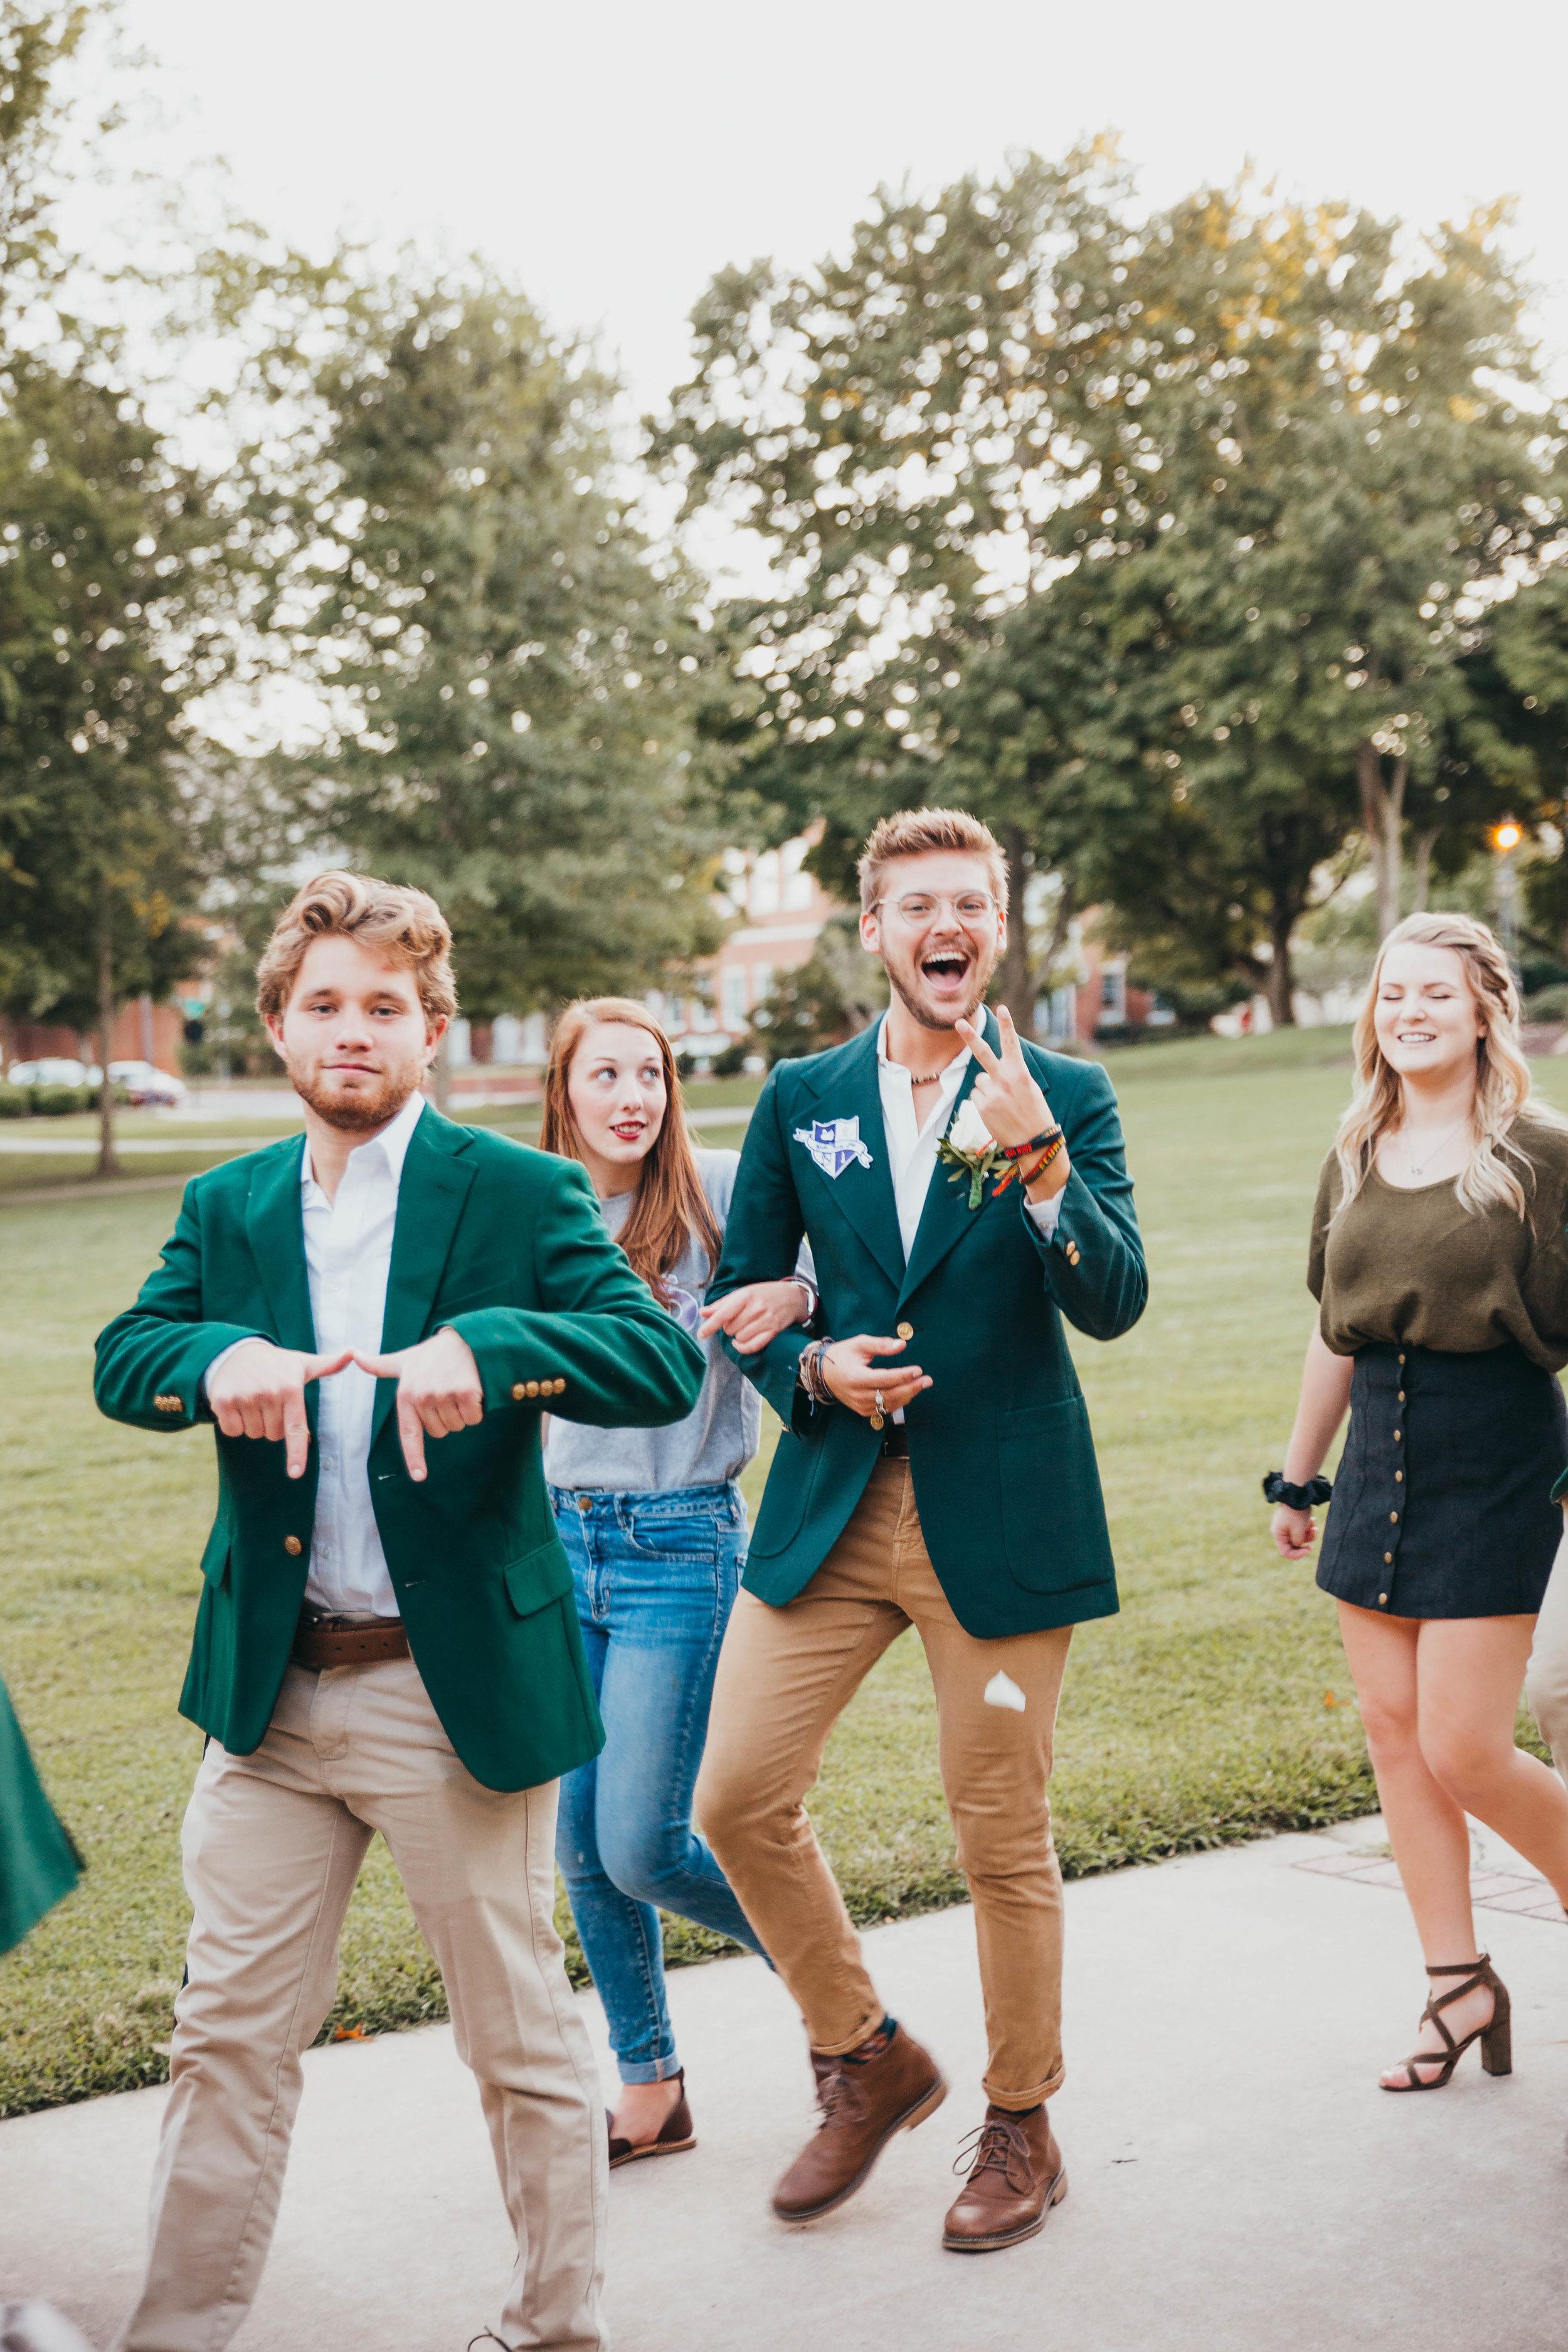 Pi Kappa Pi members during their walk through campus on Tap Night.